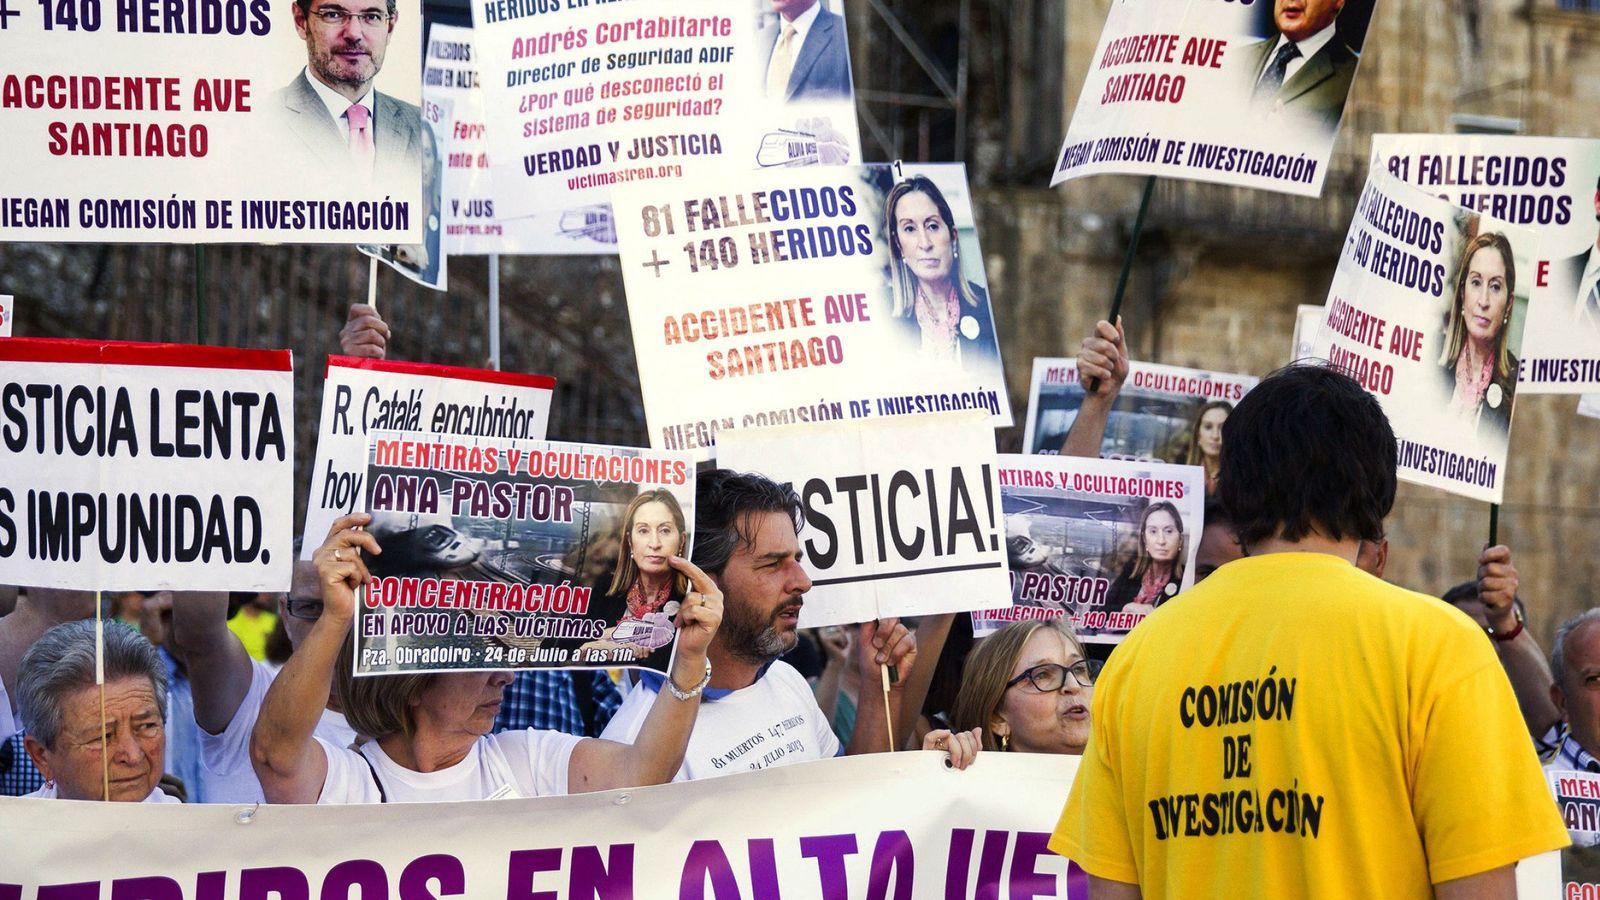 Accidente tren Santiago: Angrois se revuelve contra Feijóo en el cuarto  aniversario de la tragedia